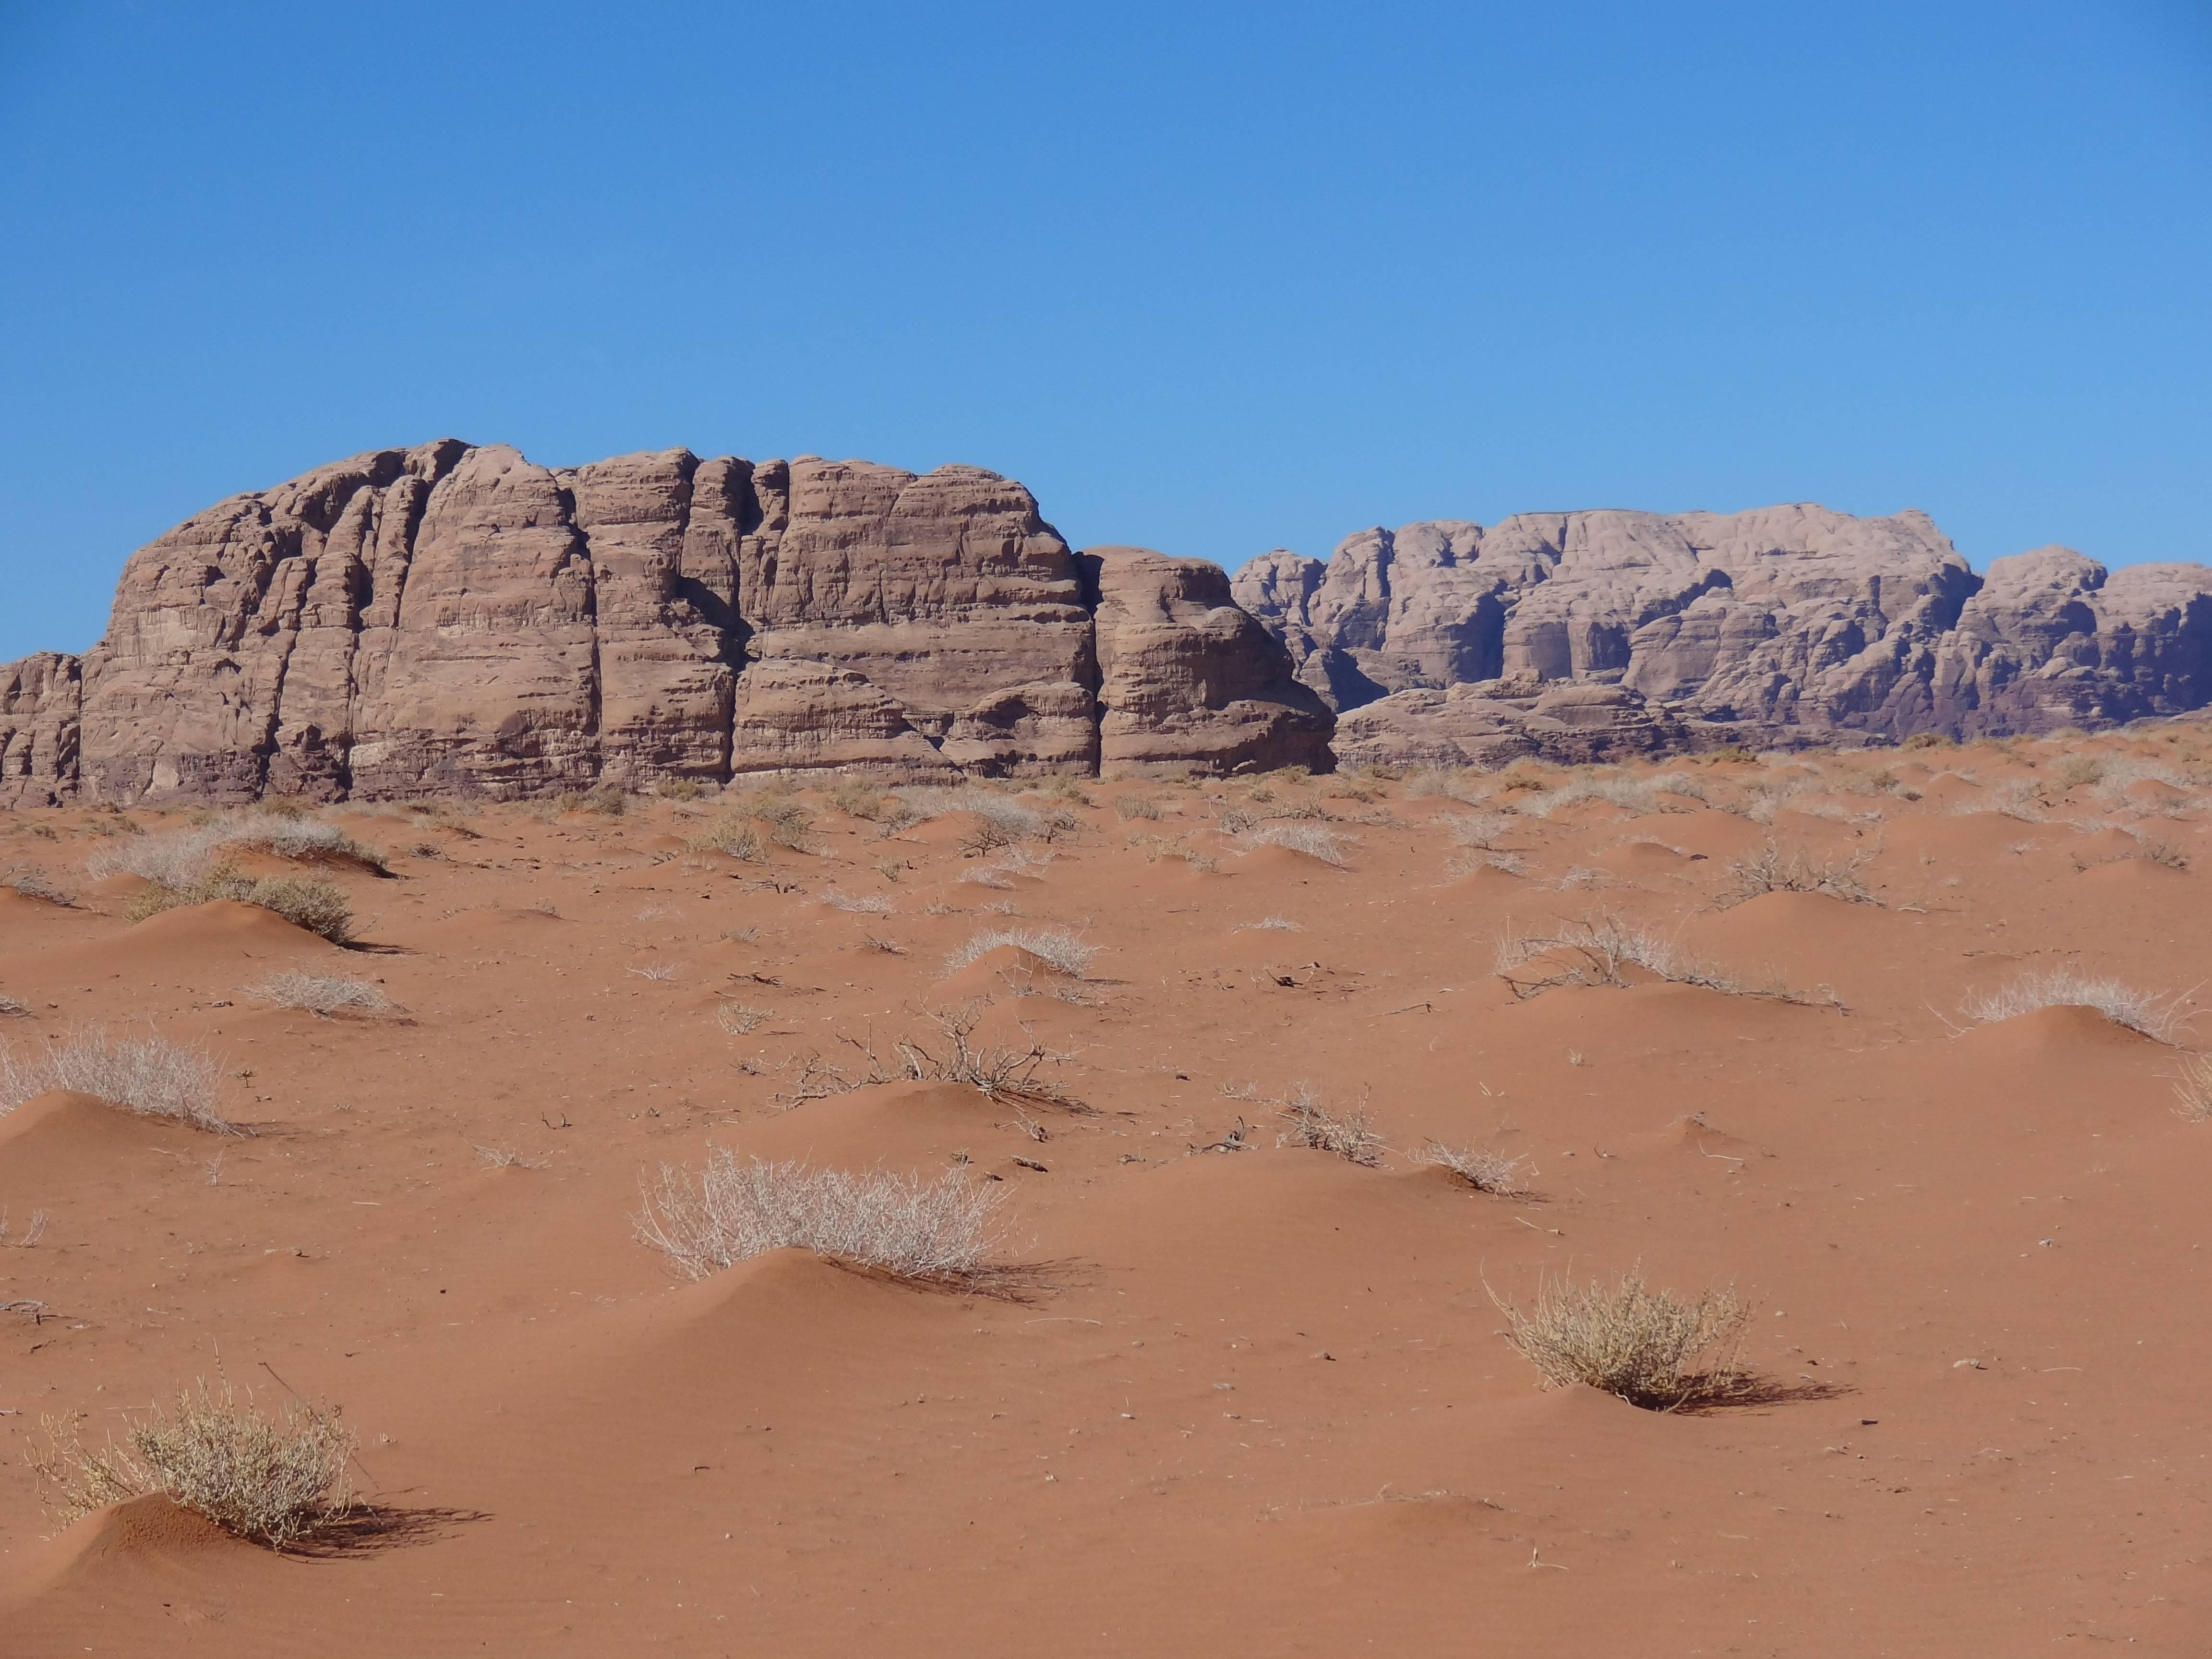 Photo 3: Immersion dans le Wadi Rum